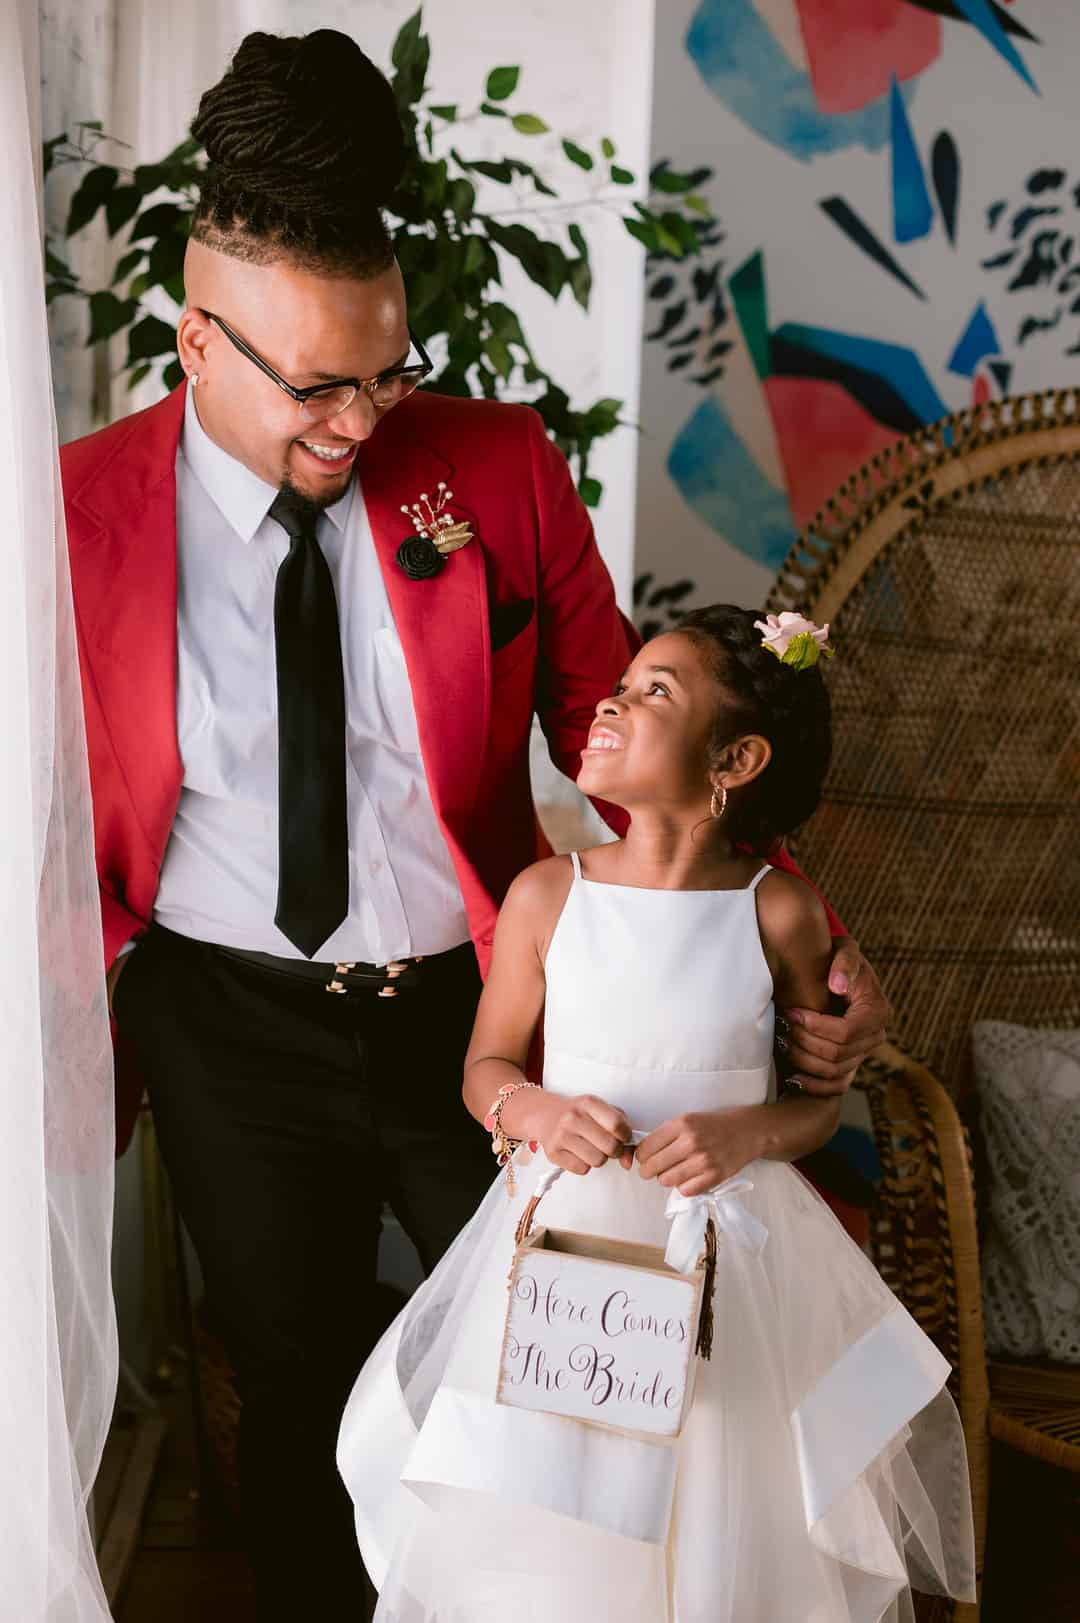 BEAUTIFUL WEDDING INSPIRATION FOR COUPLES WHO WANT TO CELEBRATE THEIR SPANISH CULTURE 18 - Ý TƯỞNG ĐÁM CƯỚI CHỦ ĐỀ TÂY BAN NHA |  Bespoke-Bride: Wedding Blog